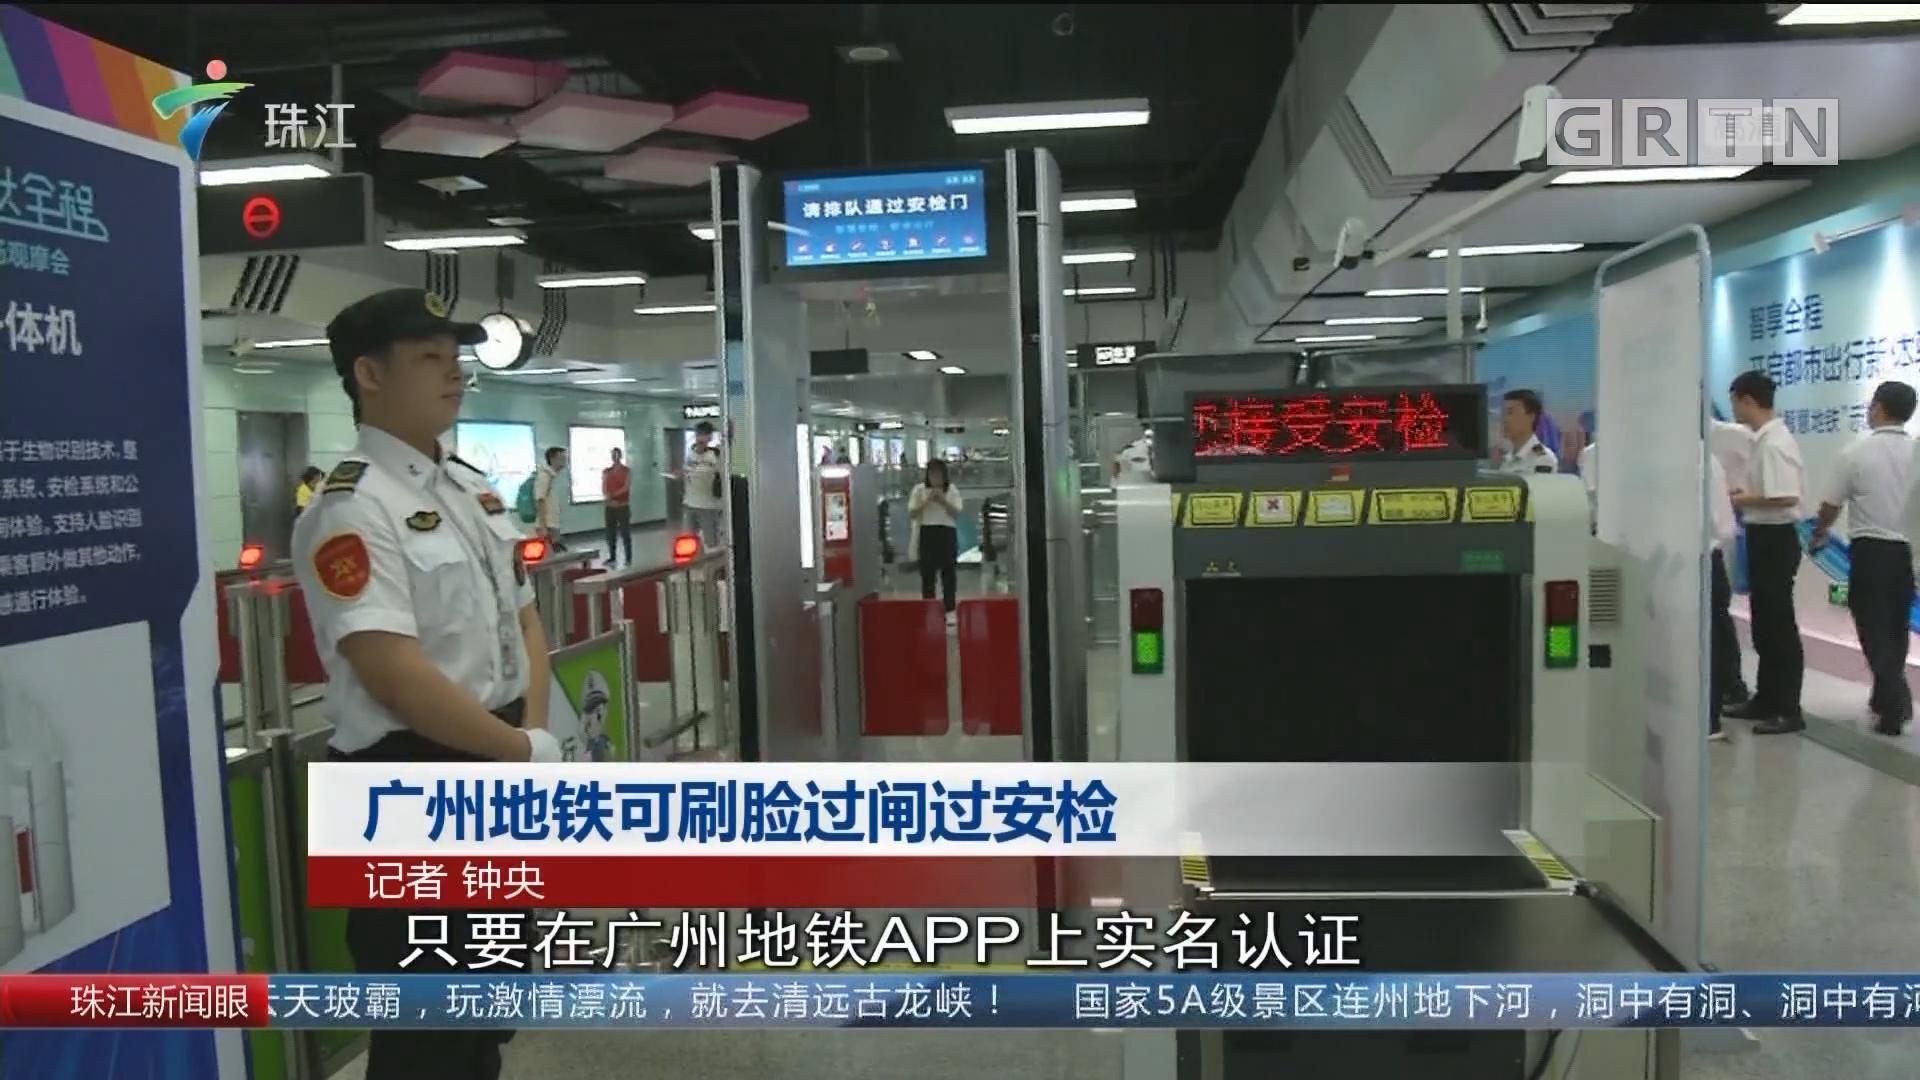 广州地铁可刷脸过闸过安检